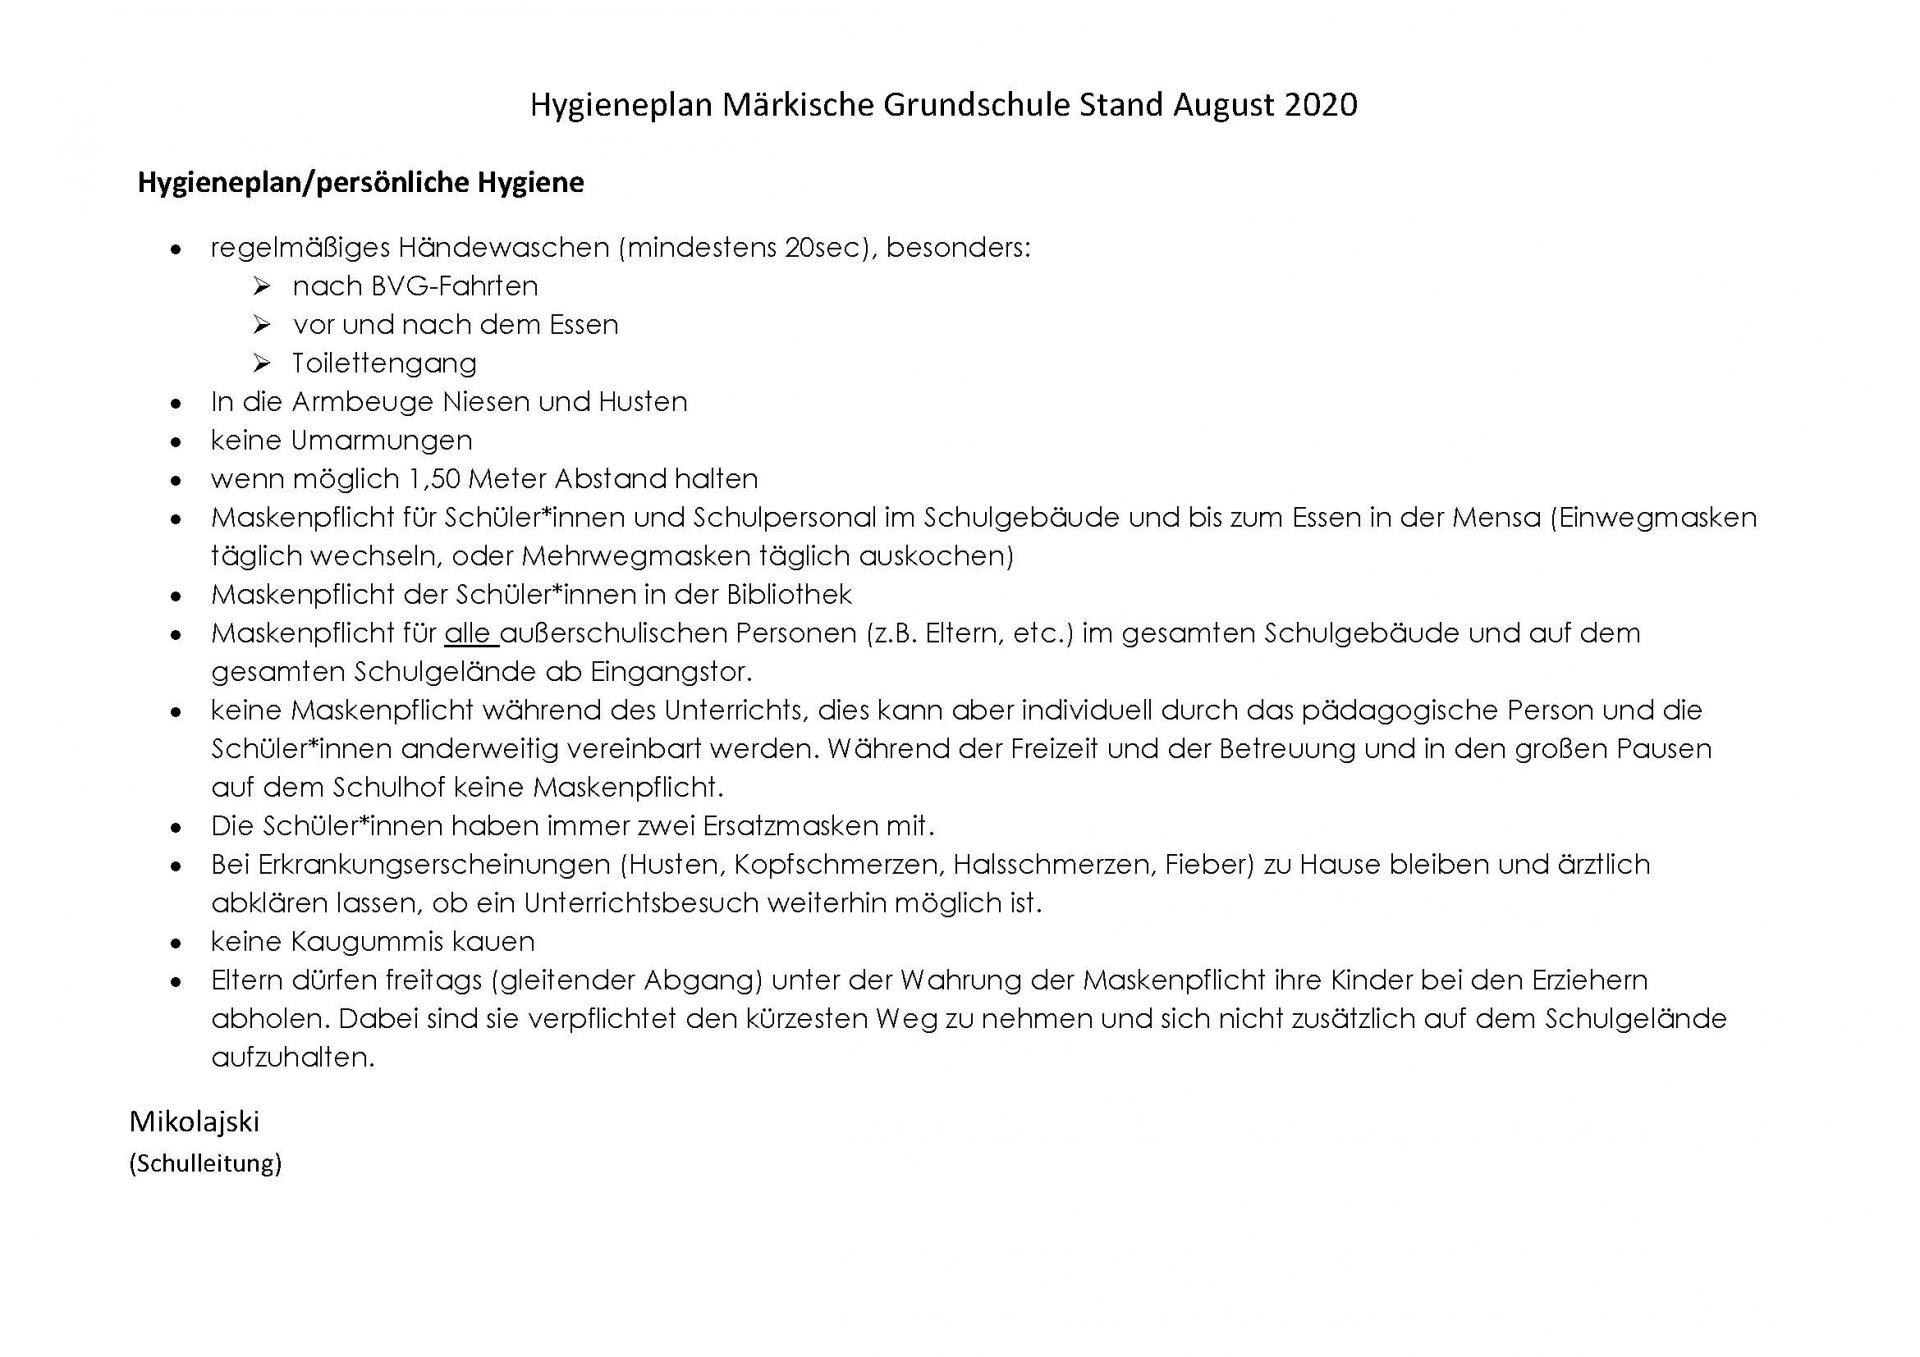 Hygieneplan - Stand September 2020 - Seite 2